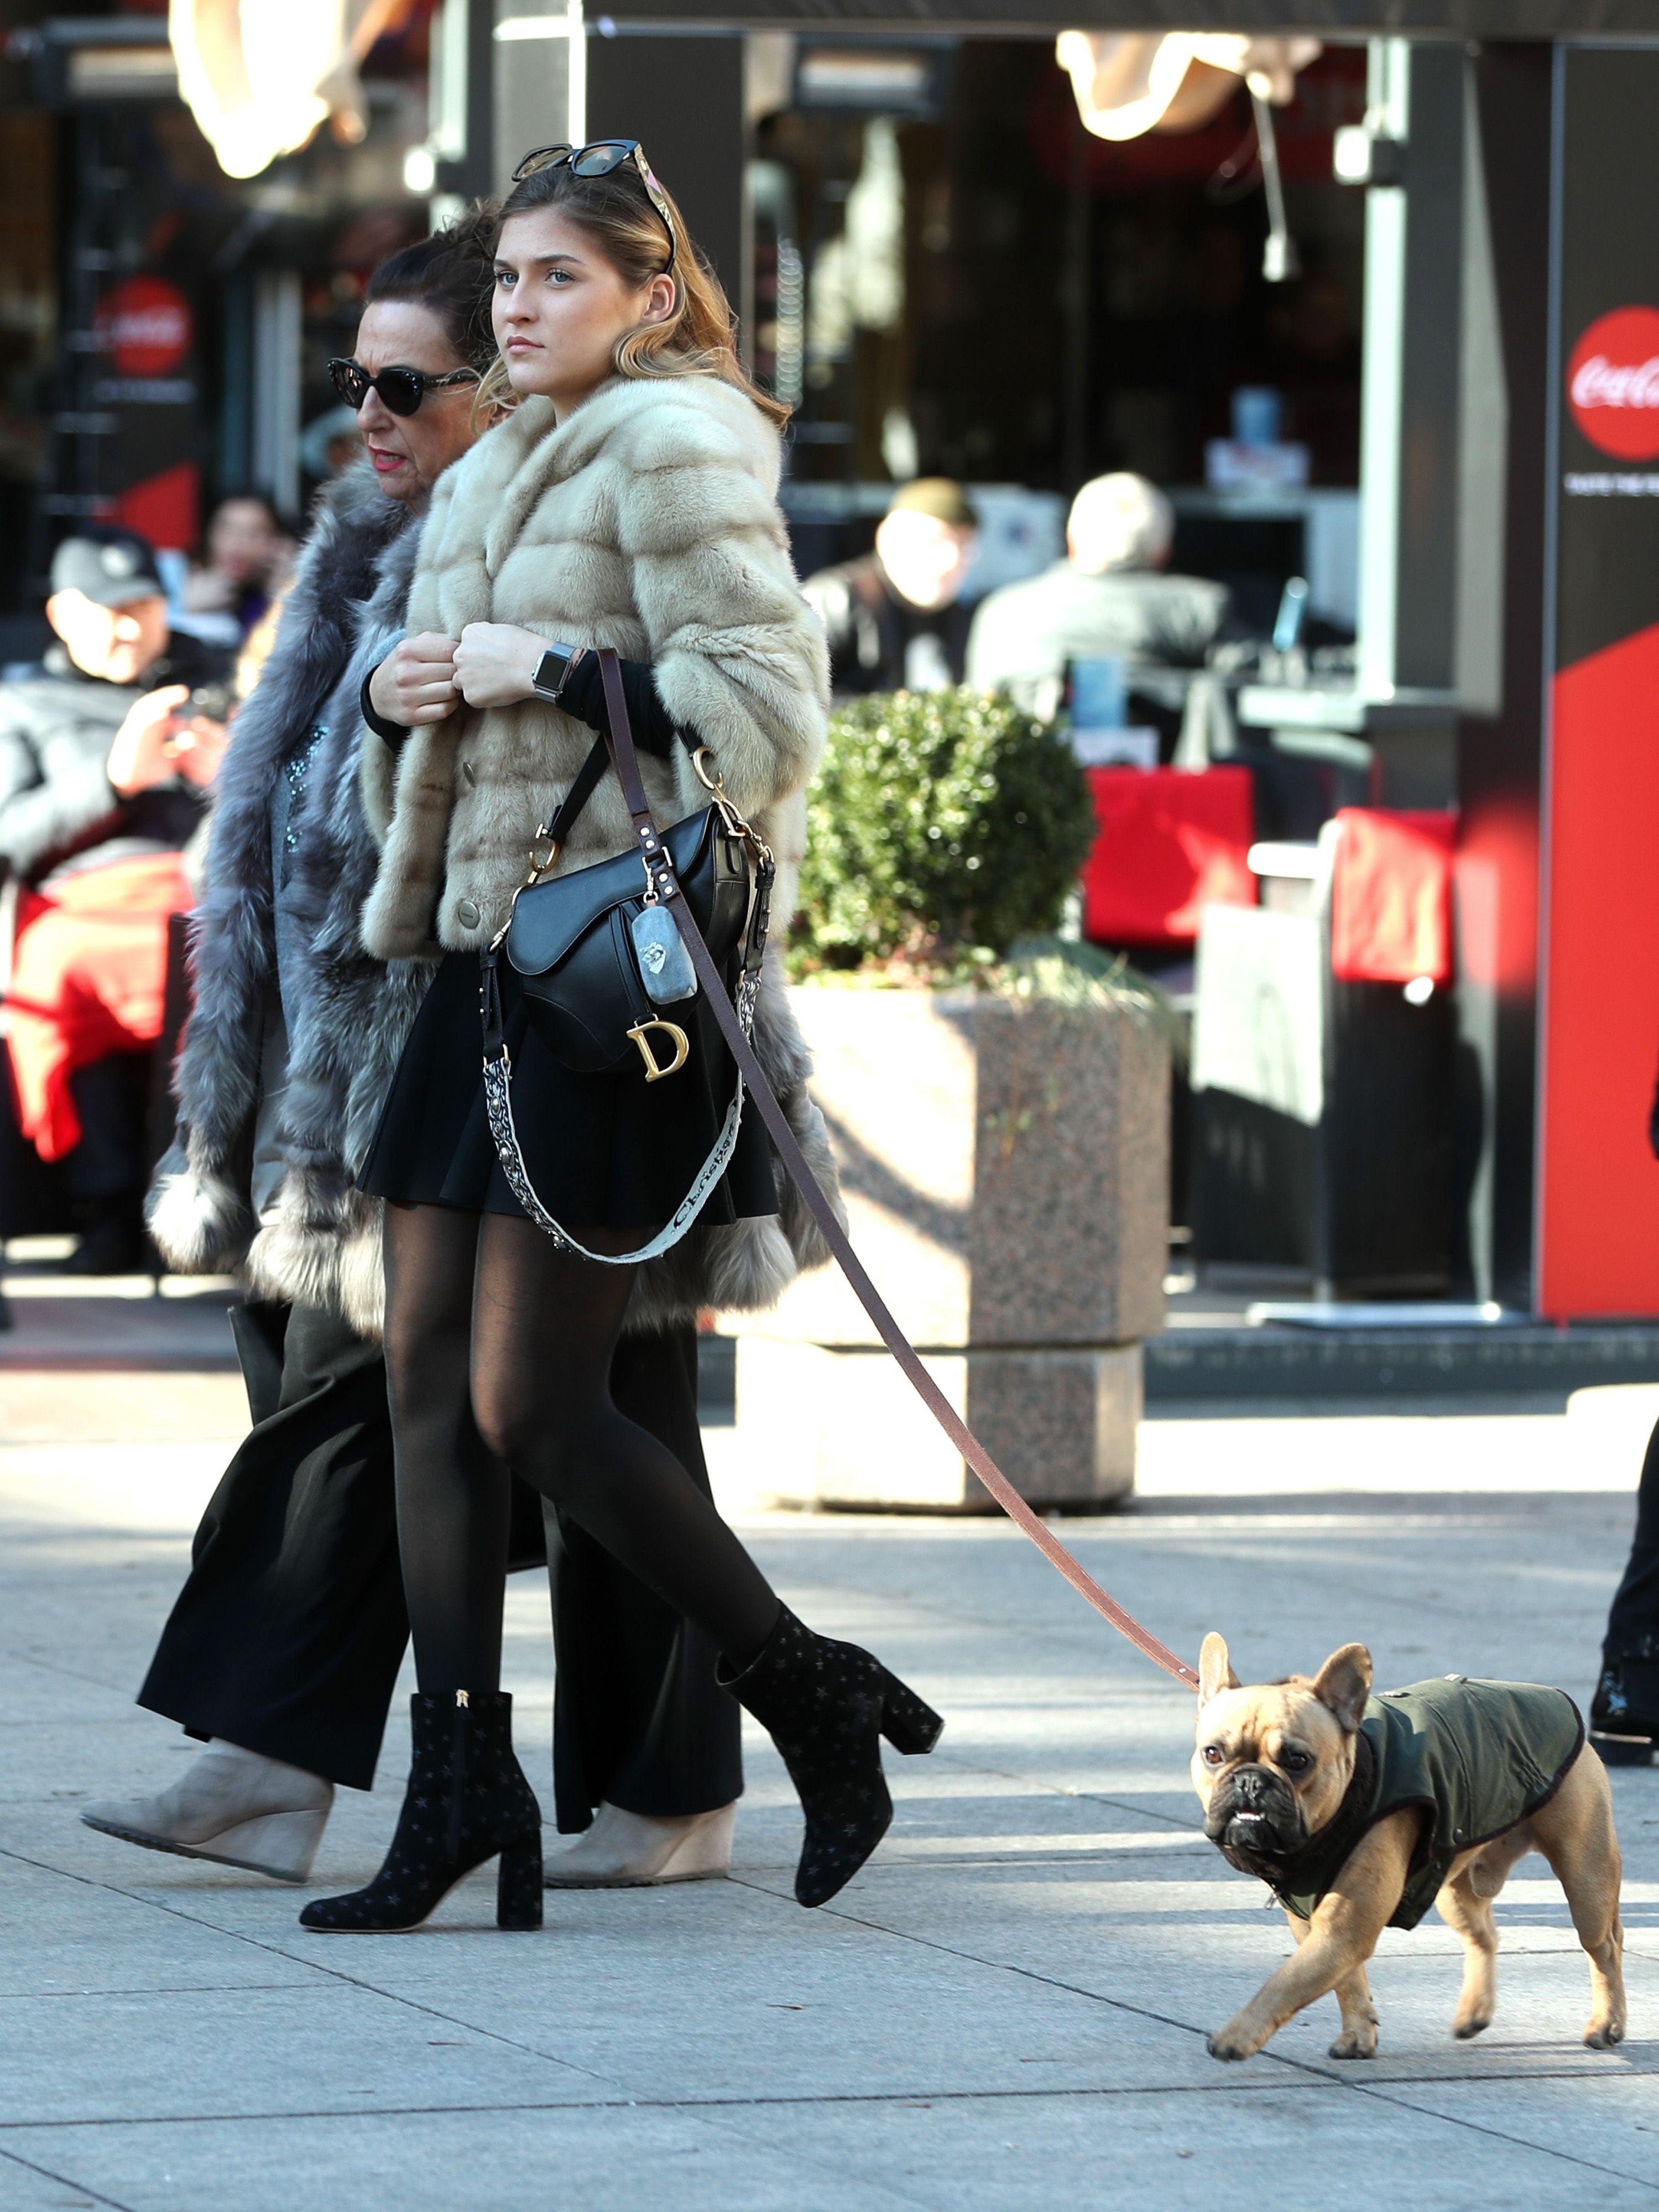 Ljepotica prošetala gradom u minici i s torbom za kojom fashionistice ove sezone uzdišu!